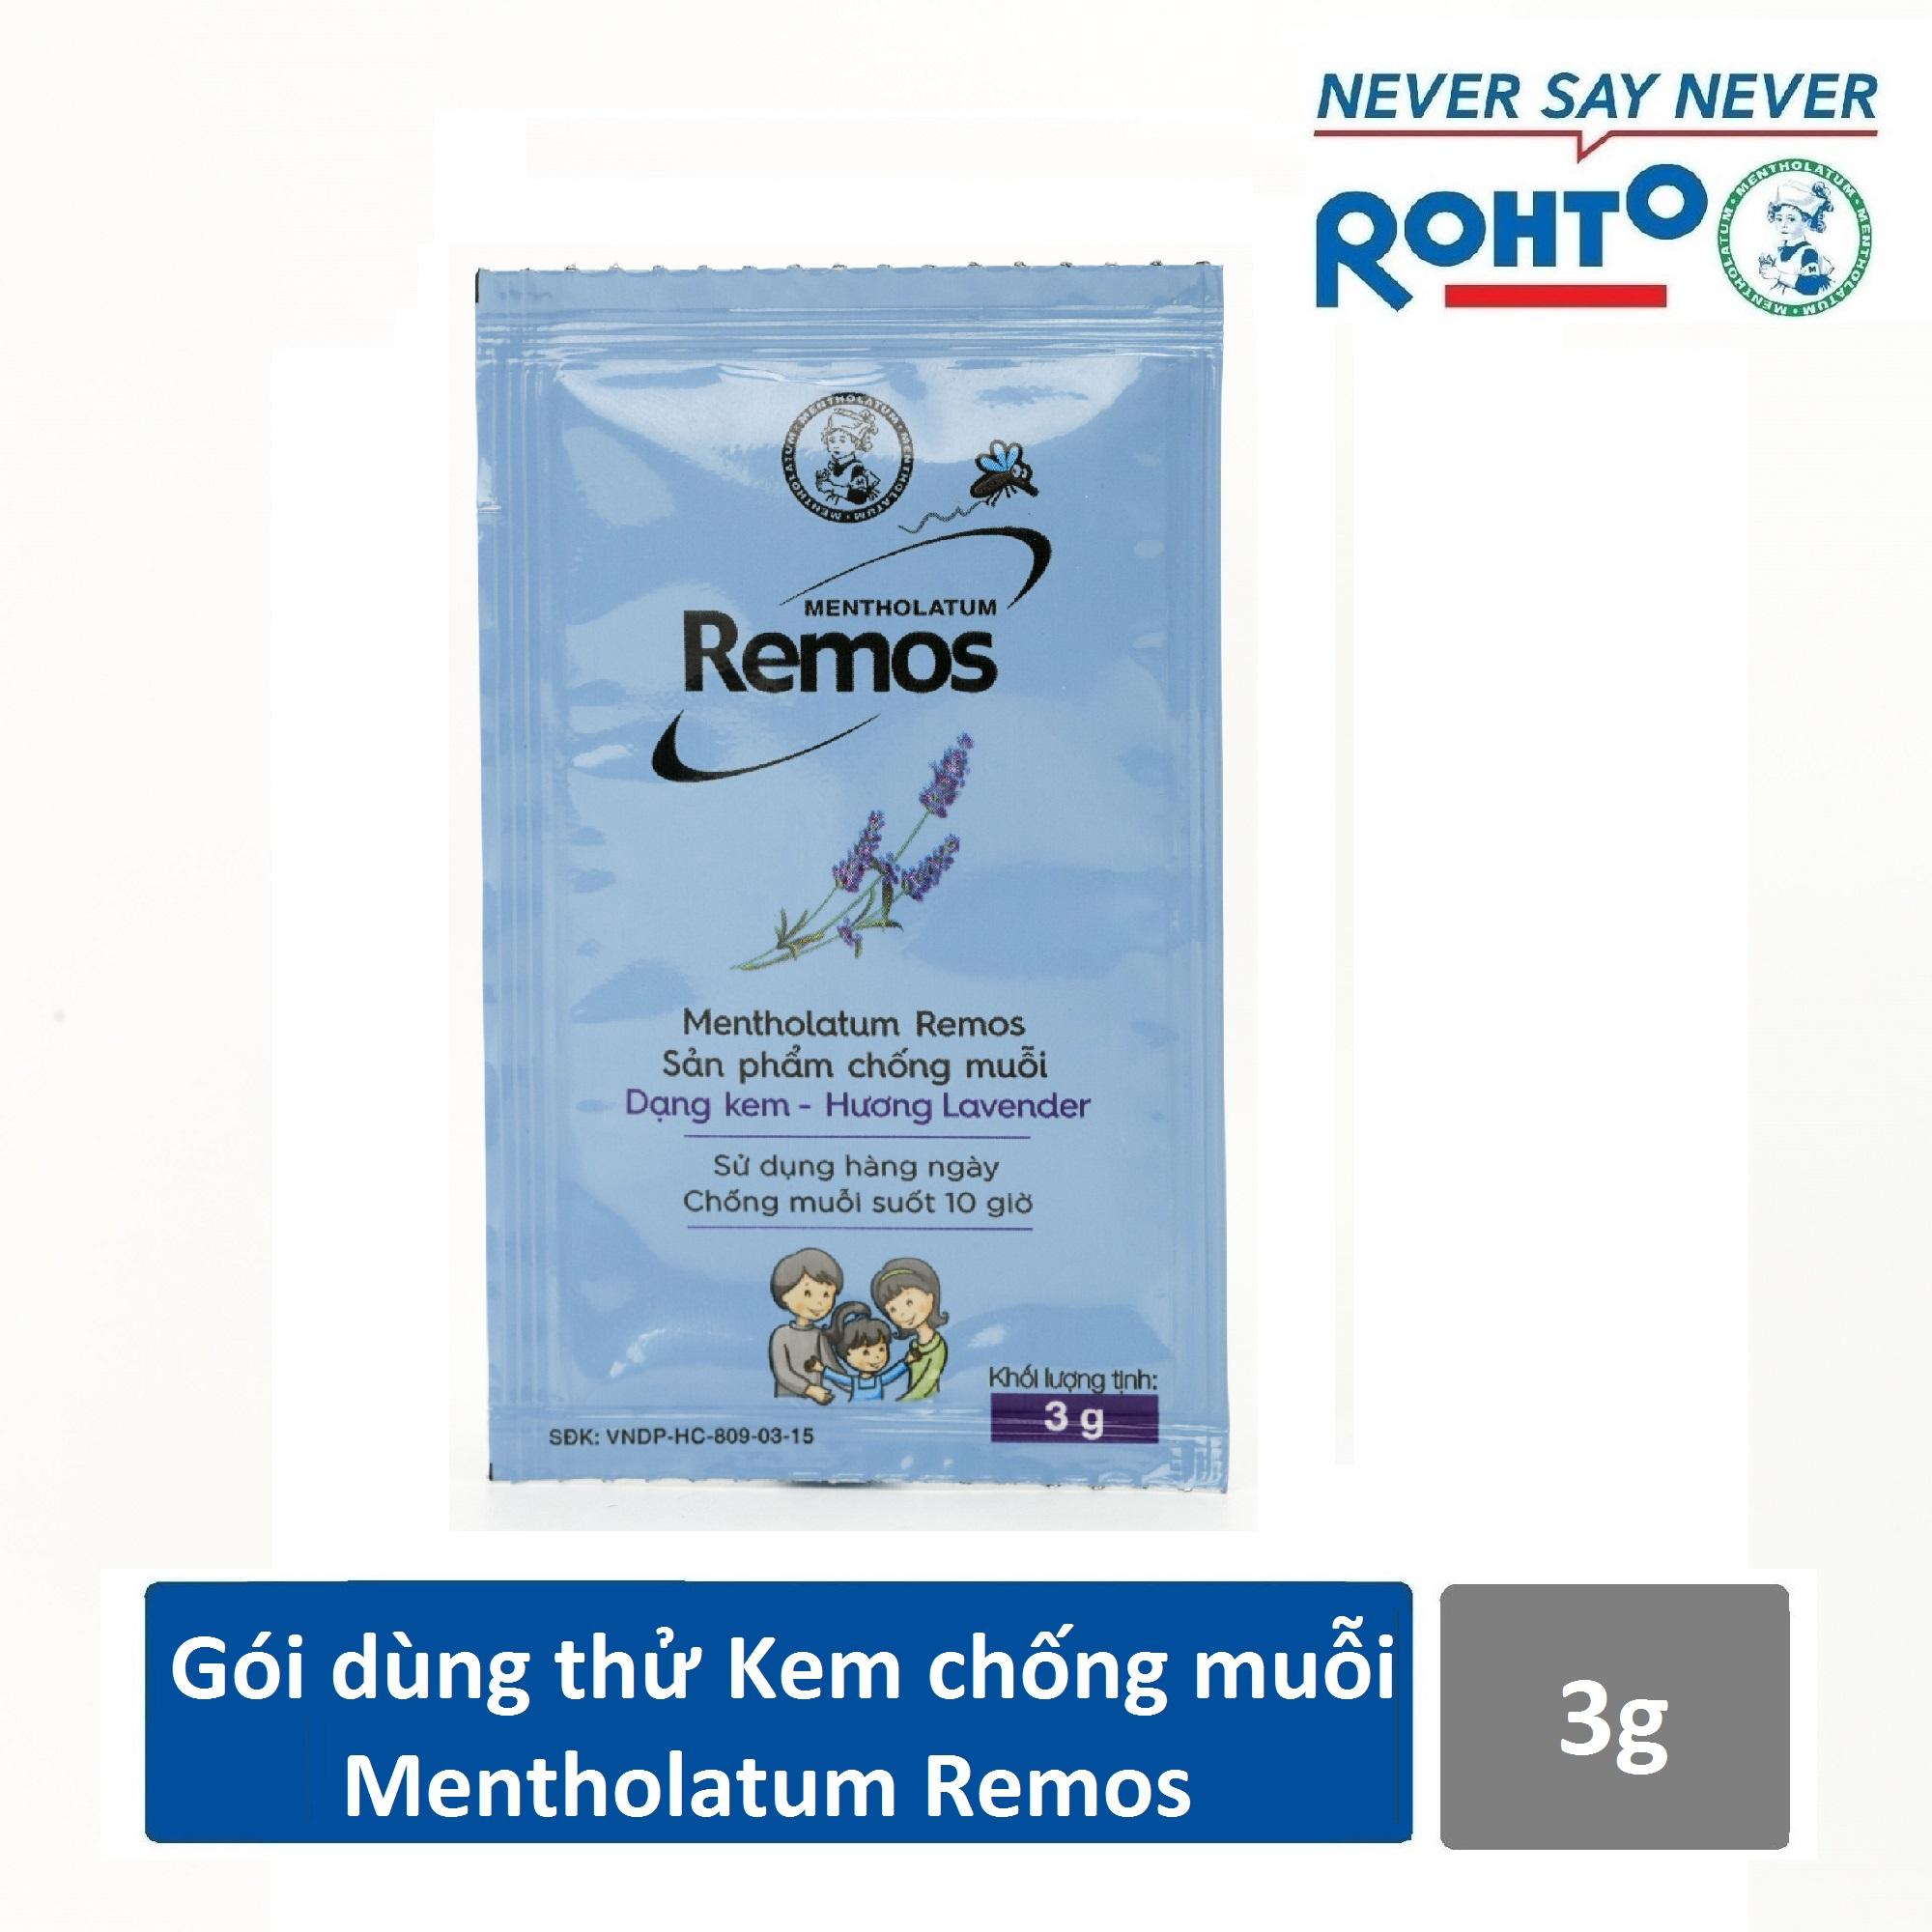 [Quà tặng] Gói dùng thử Kem chống muỗi Mentholatum Remos 3g nhập khẩu